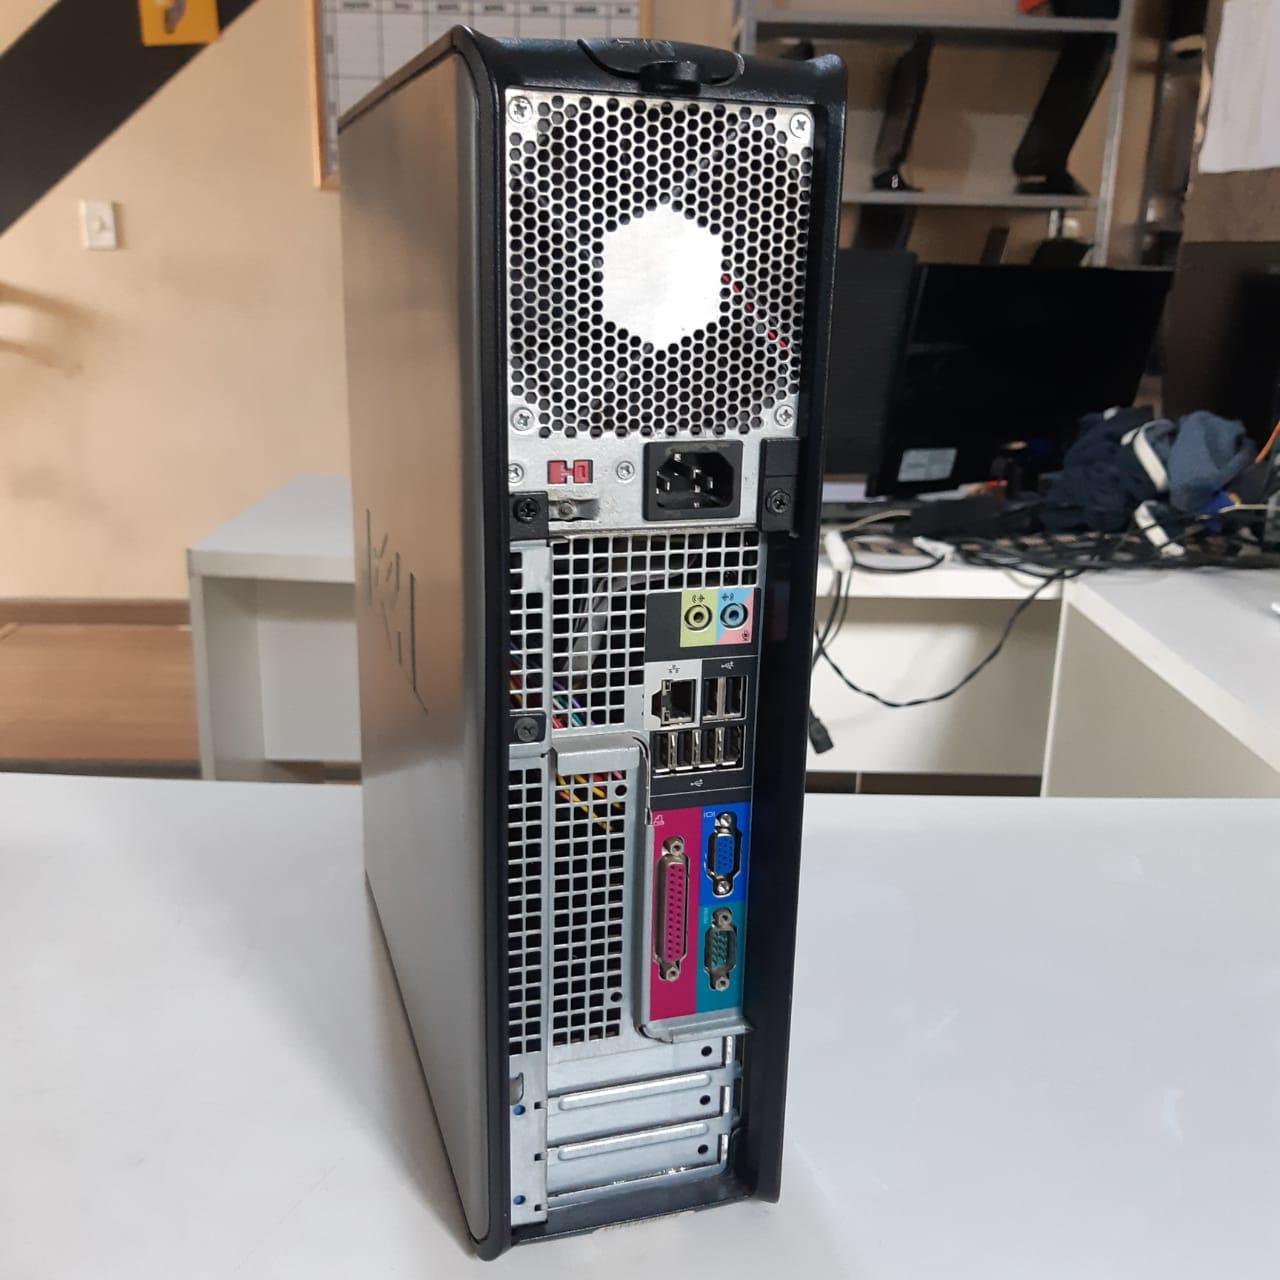 Computador Dell Optiplex 360 - Core 2 Duo - 4gb ram - HD de 250gb